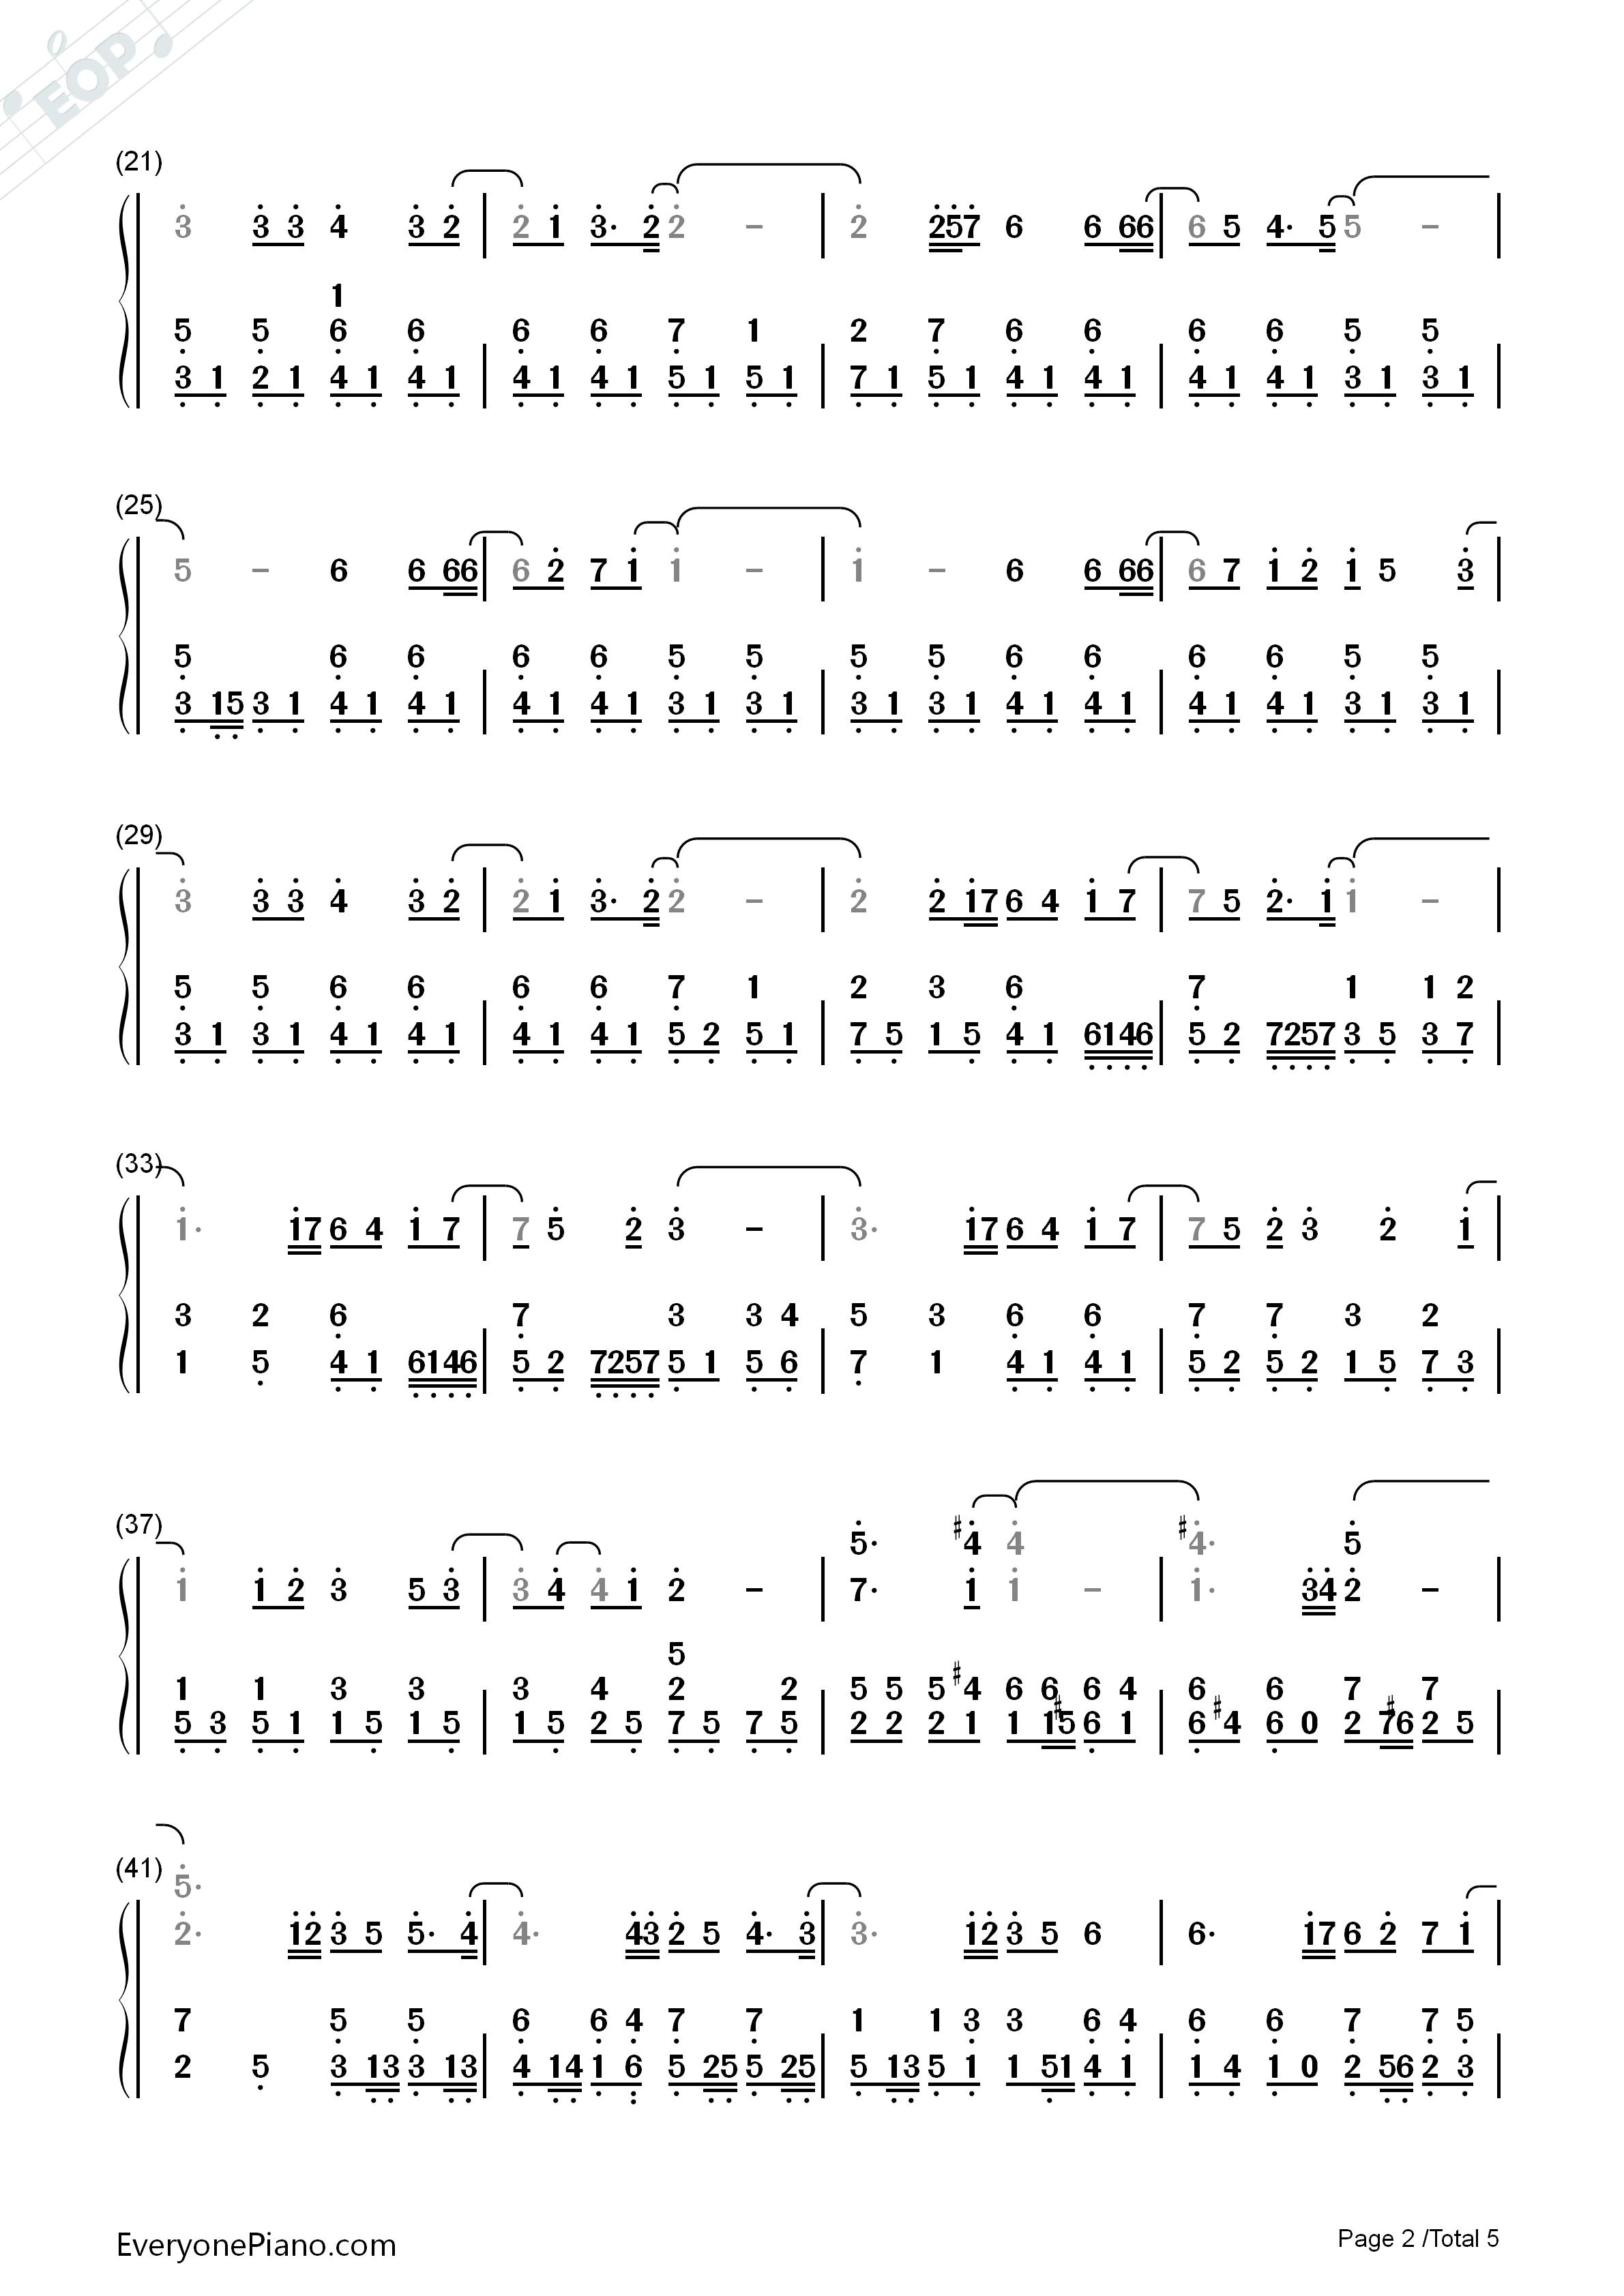 钢琴曲谱 流行 相信-苏打绿 相信-苏打绿双手简谱预览2  }  仅供学习